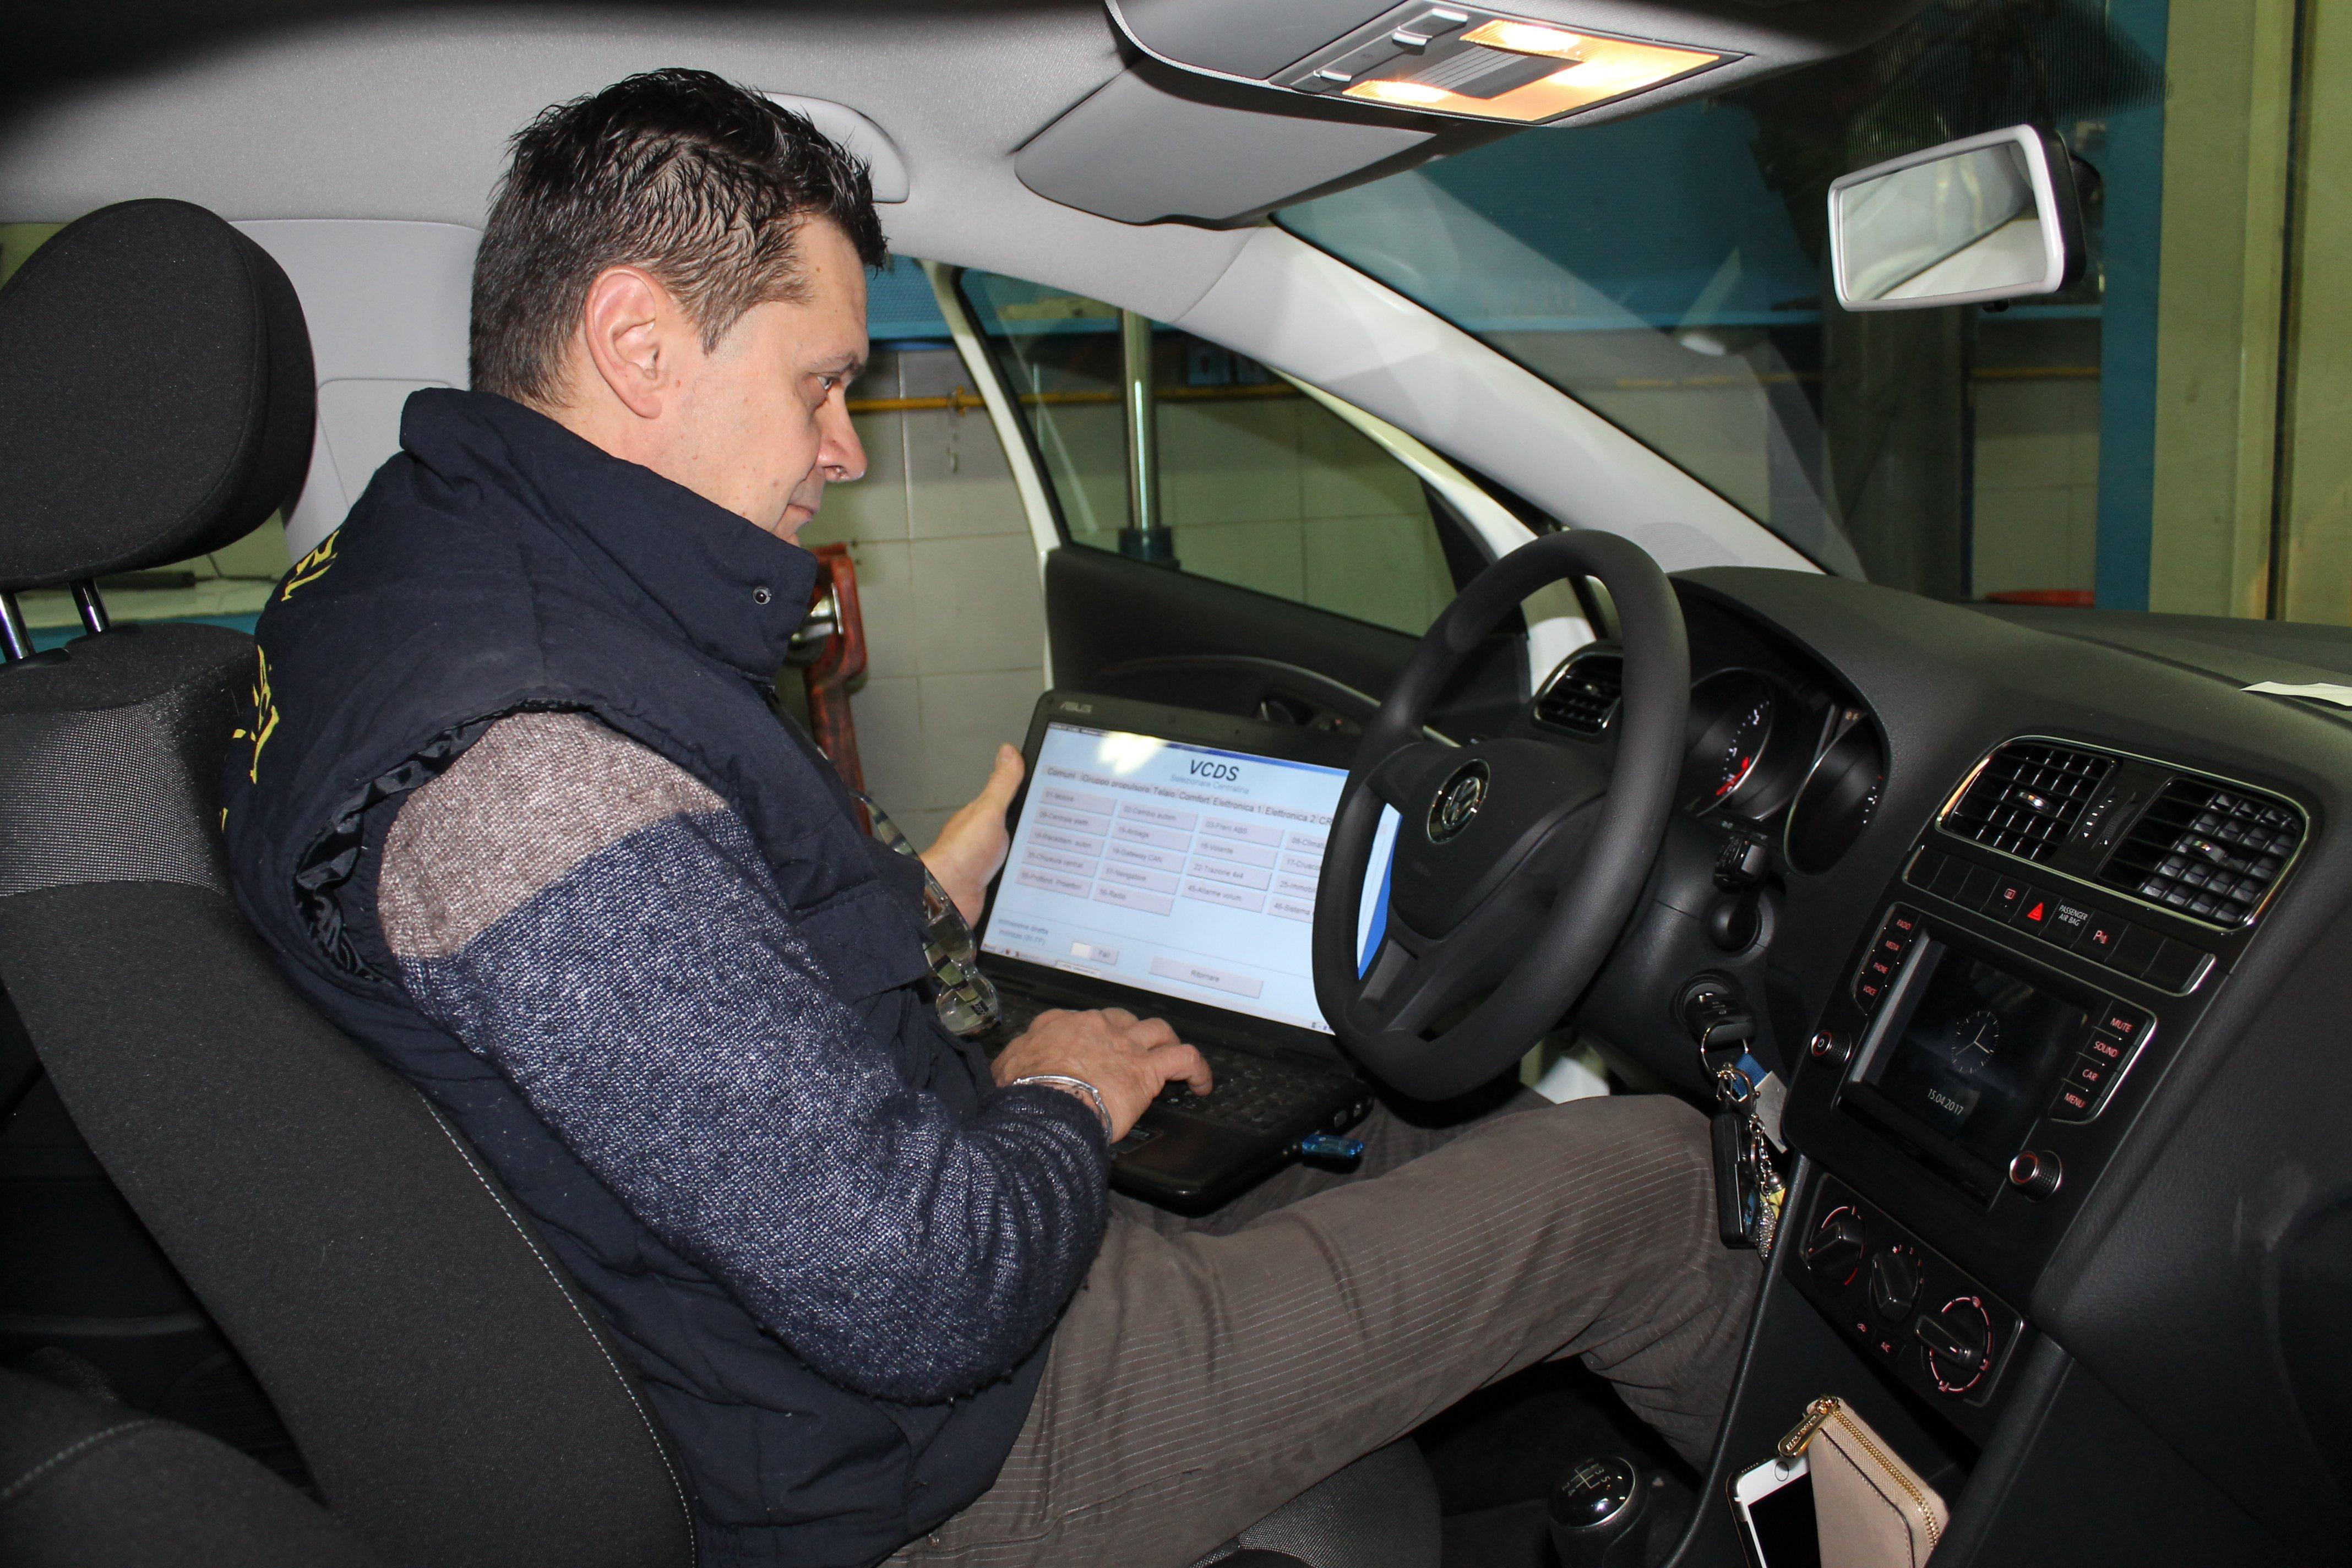 tecnico controlla centralina auto